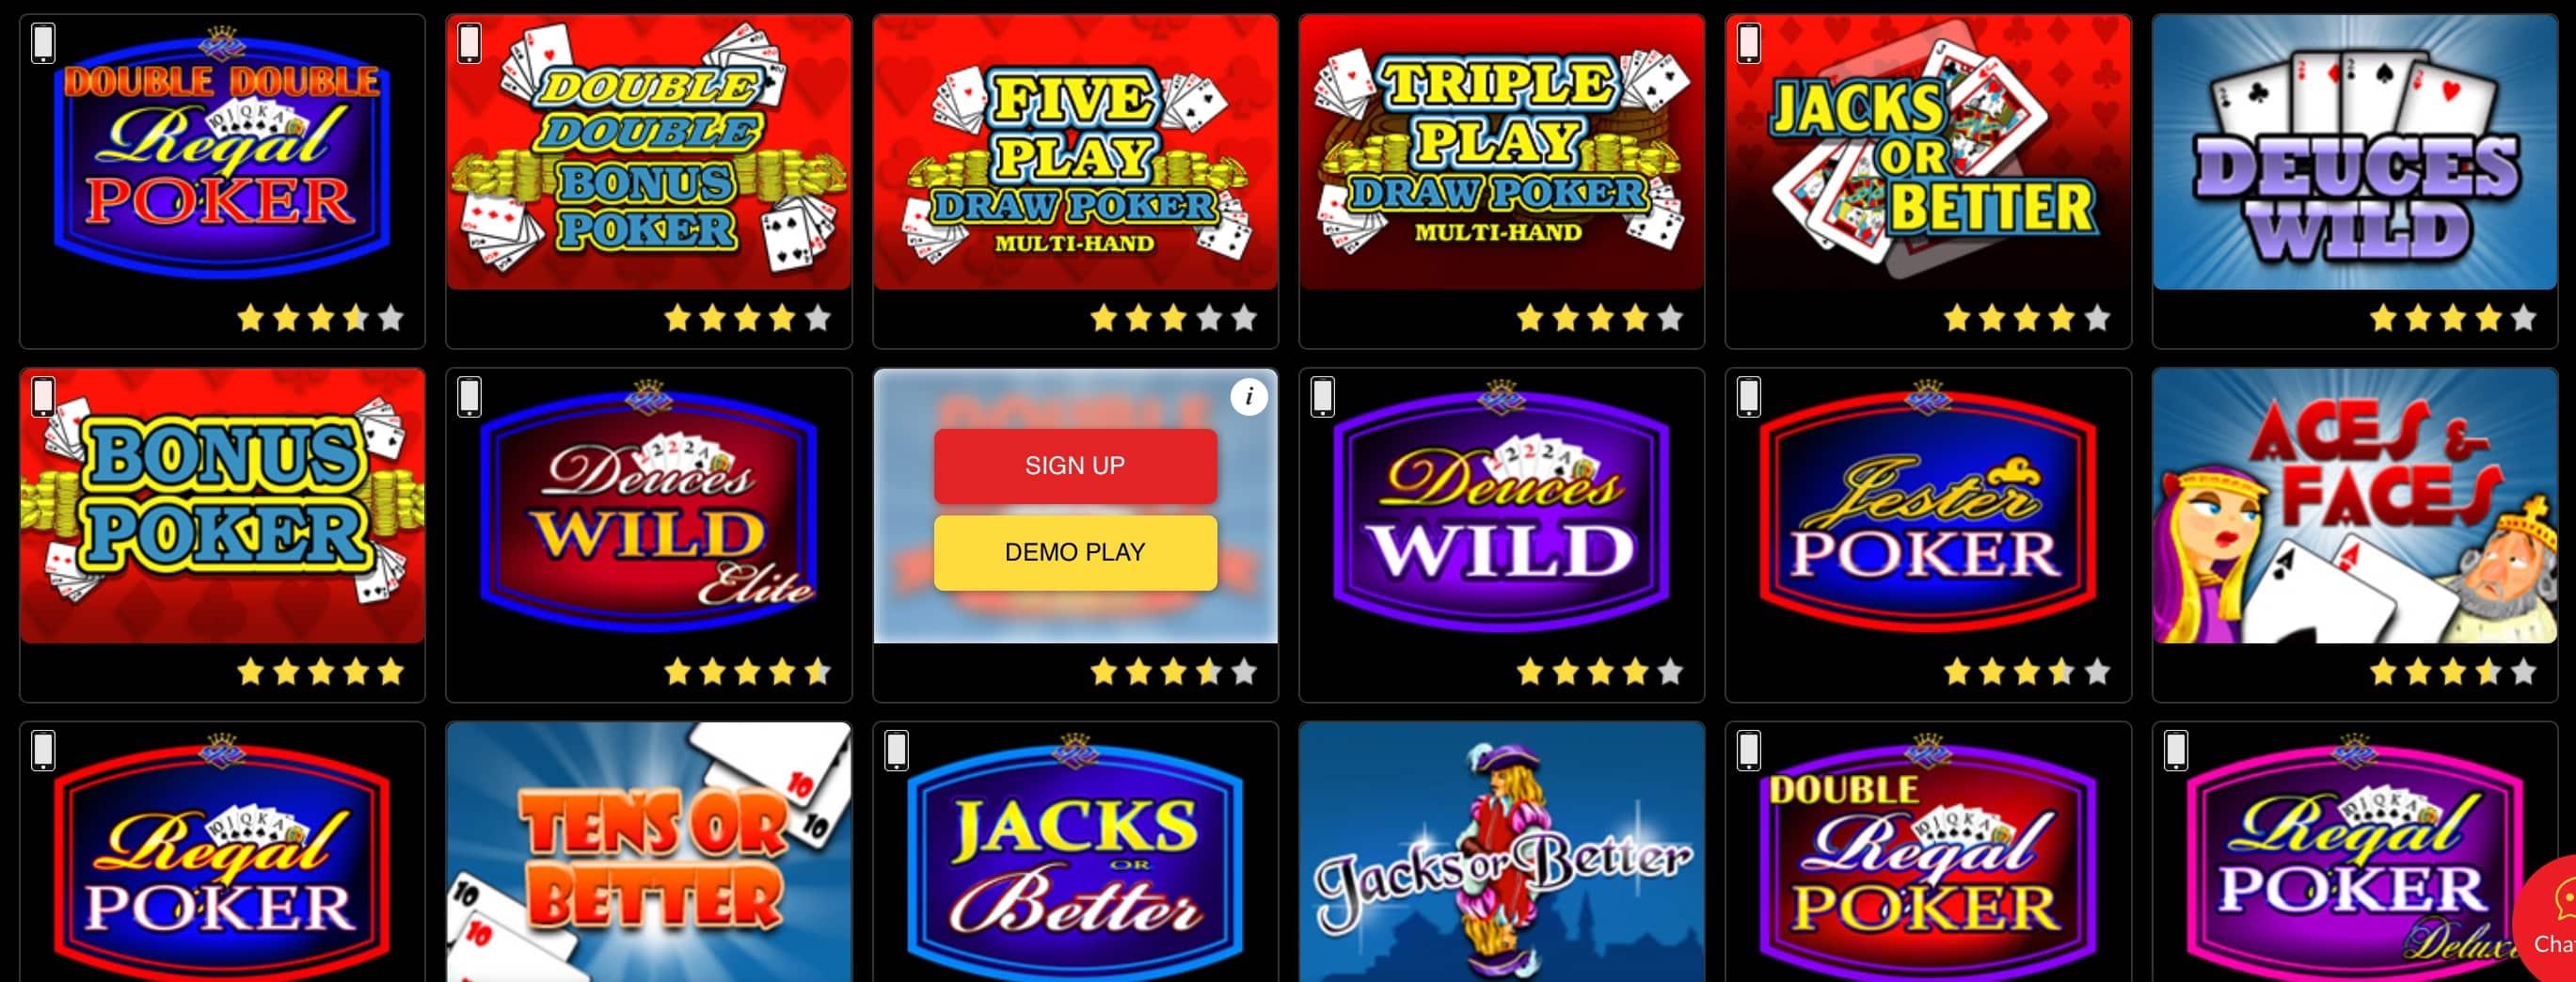 Best NJ online casinos for September 2018